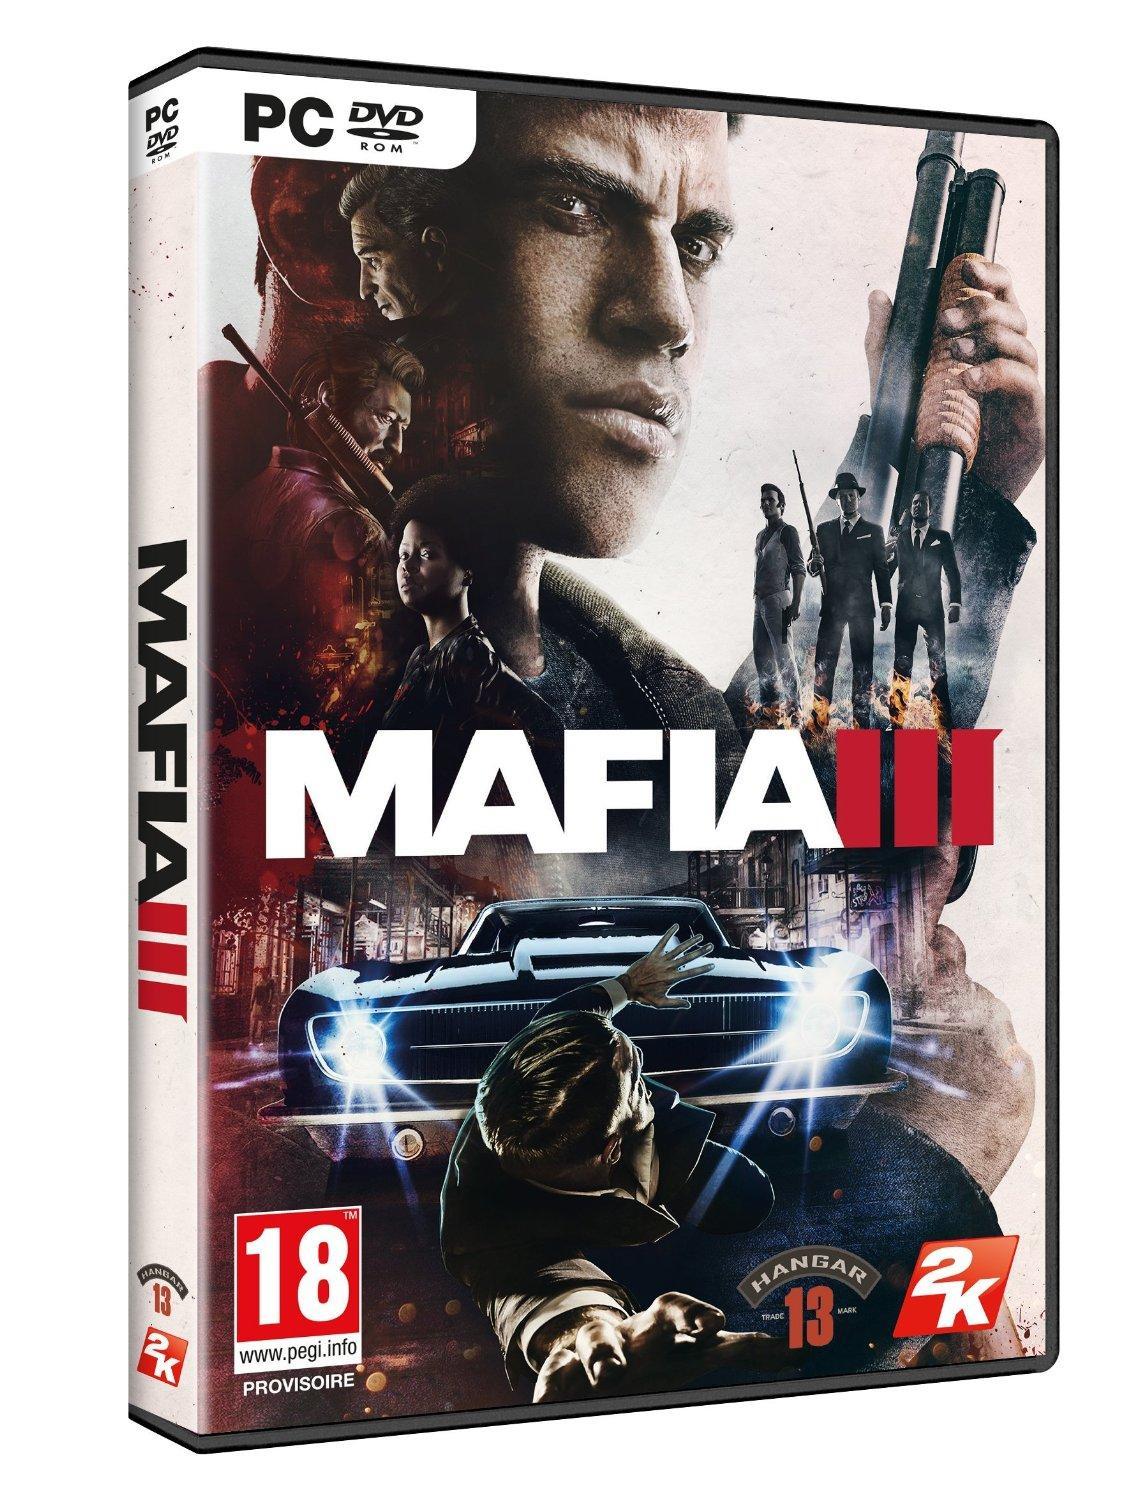 [Précommande] Mafia III sur PS4 / Xbox One à 49.99€ et sur PC